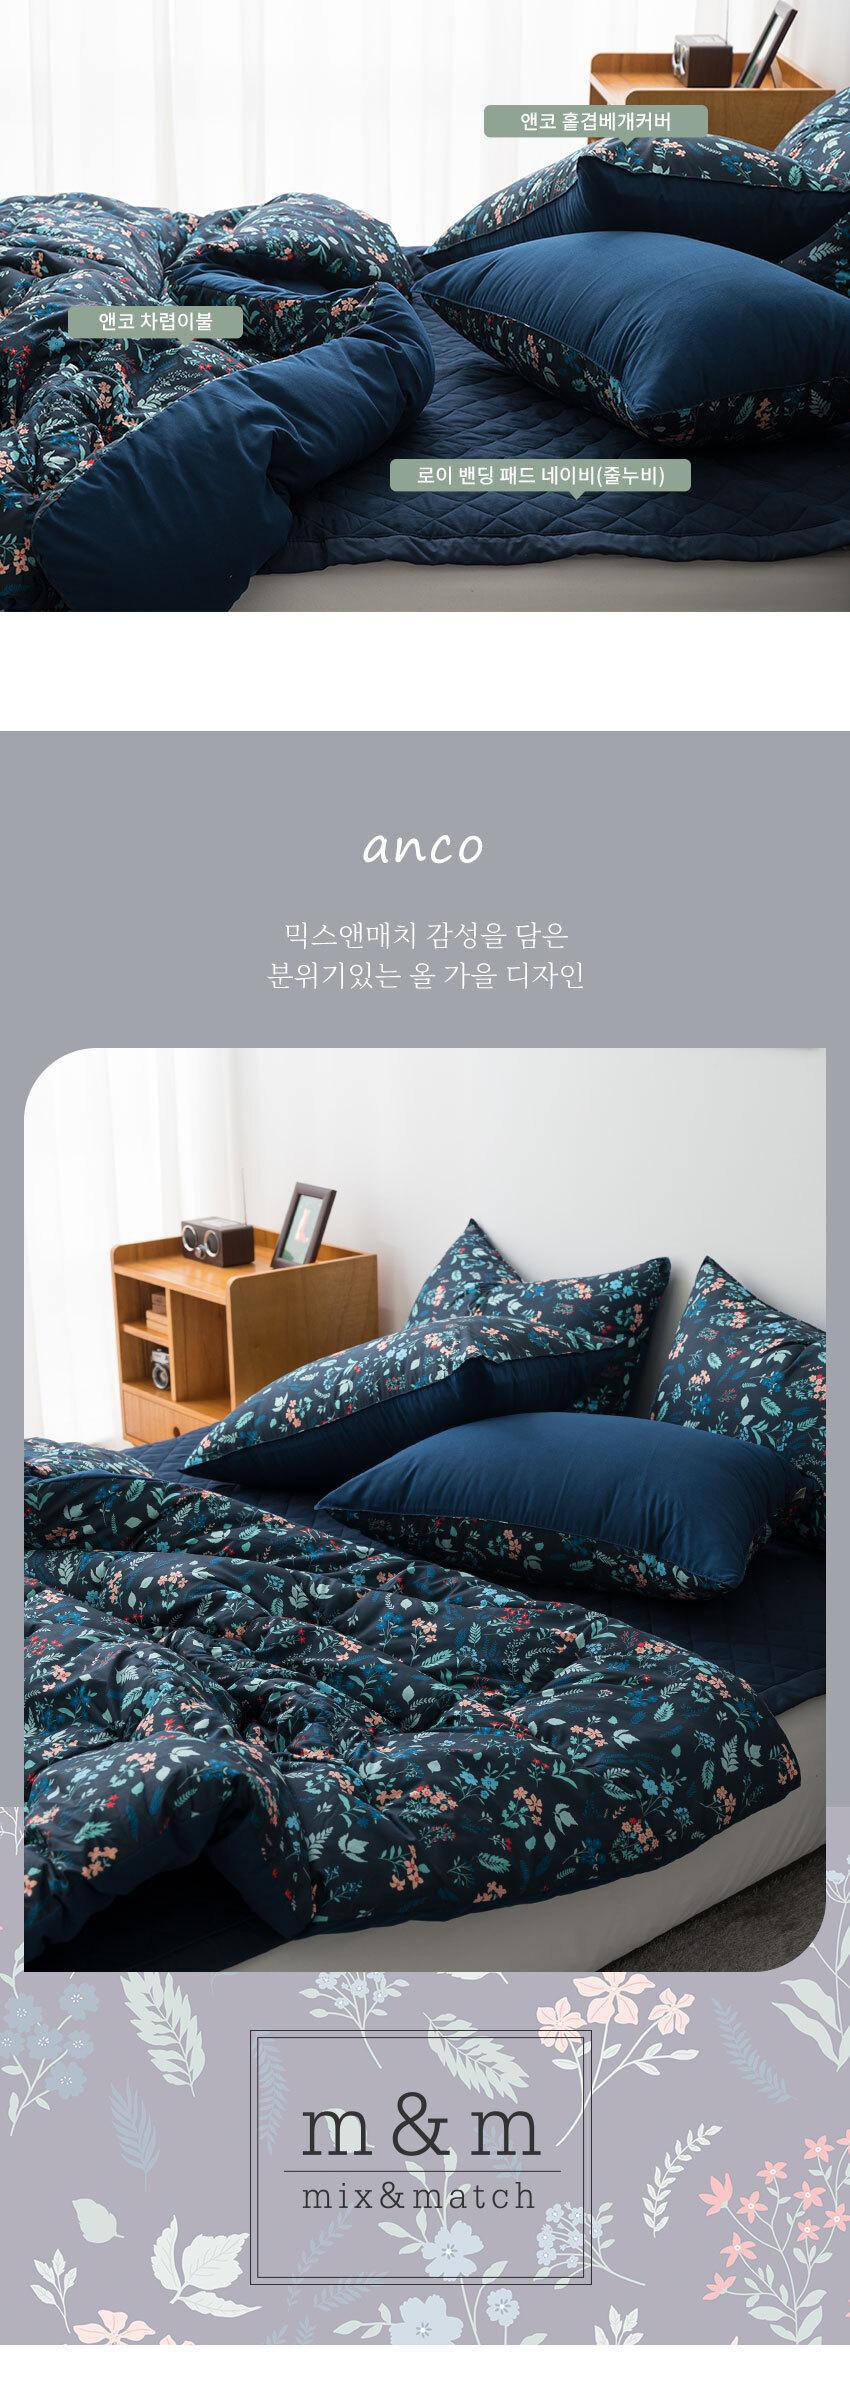 enco_bed_bottom.jpg